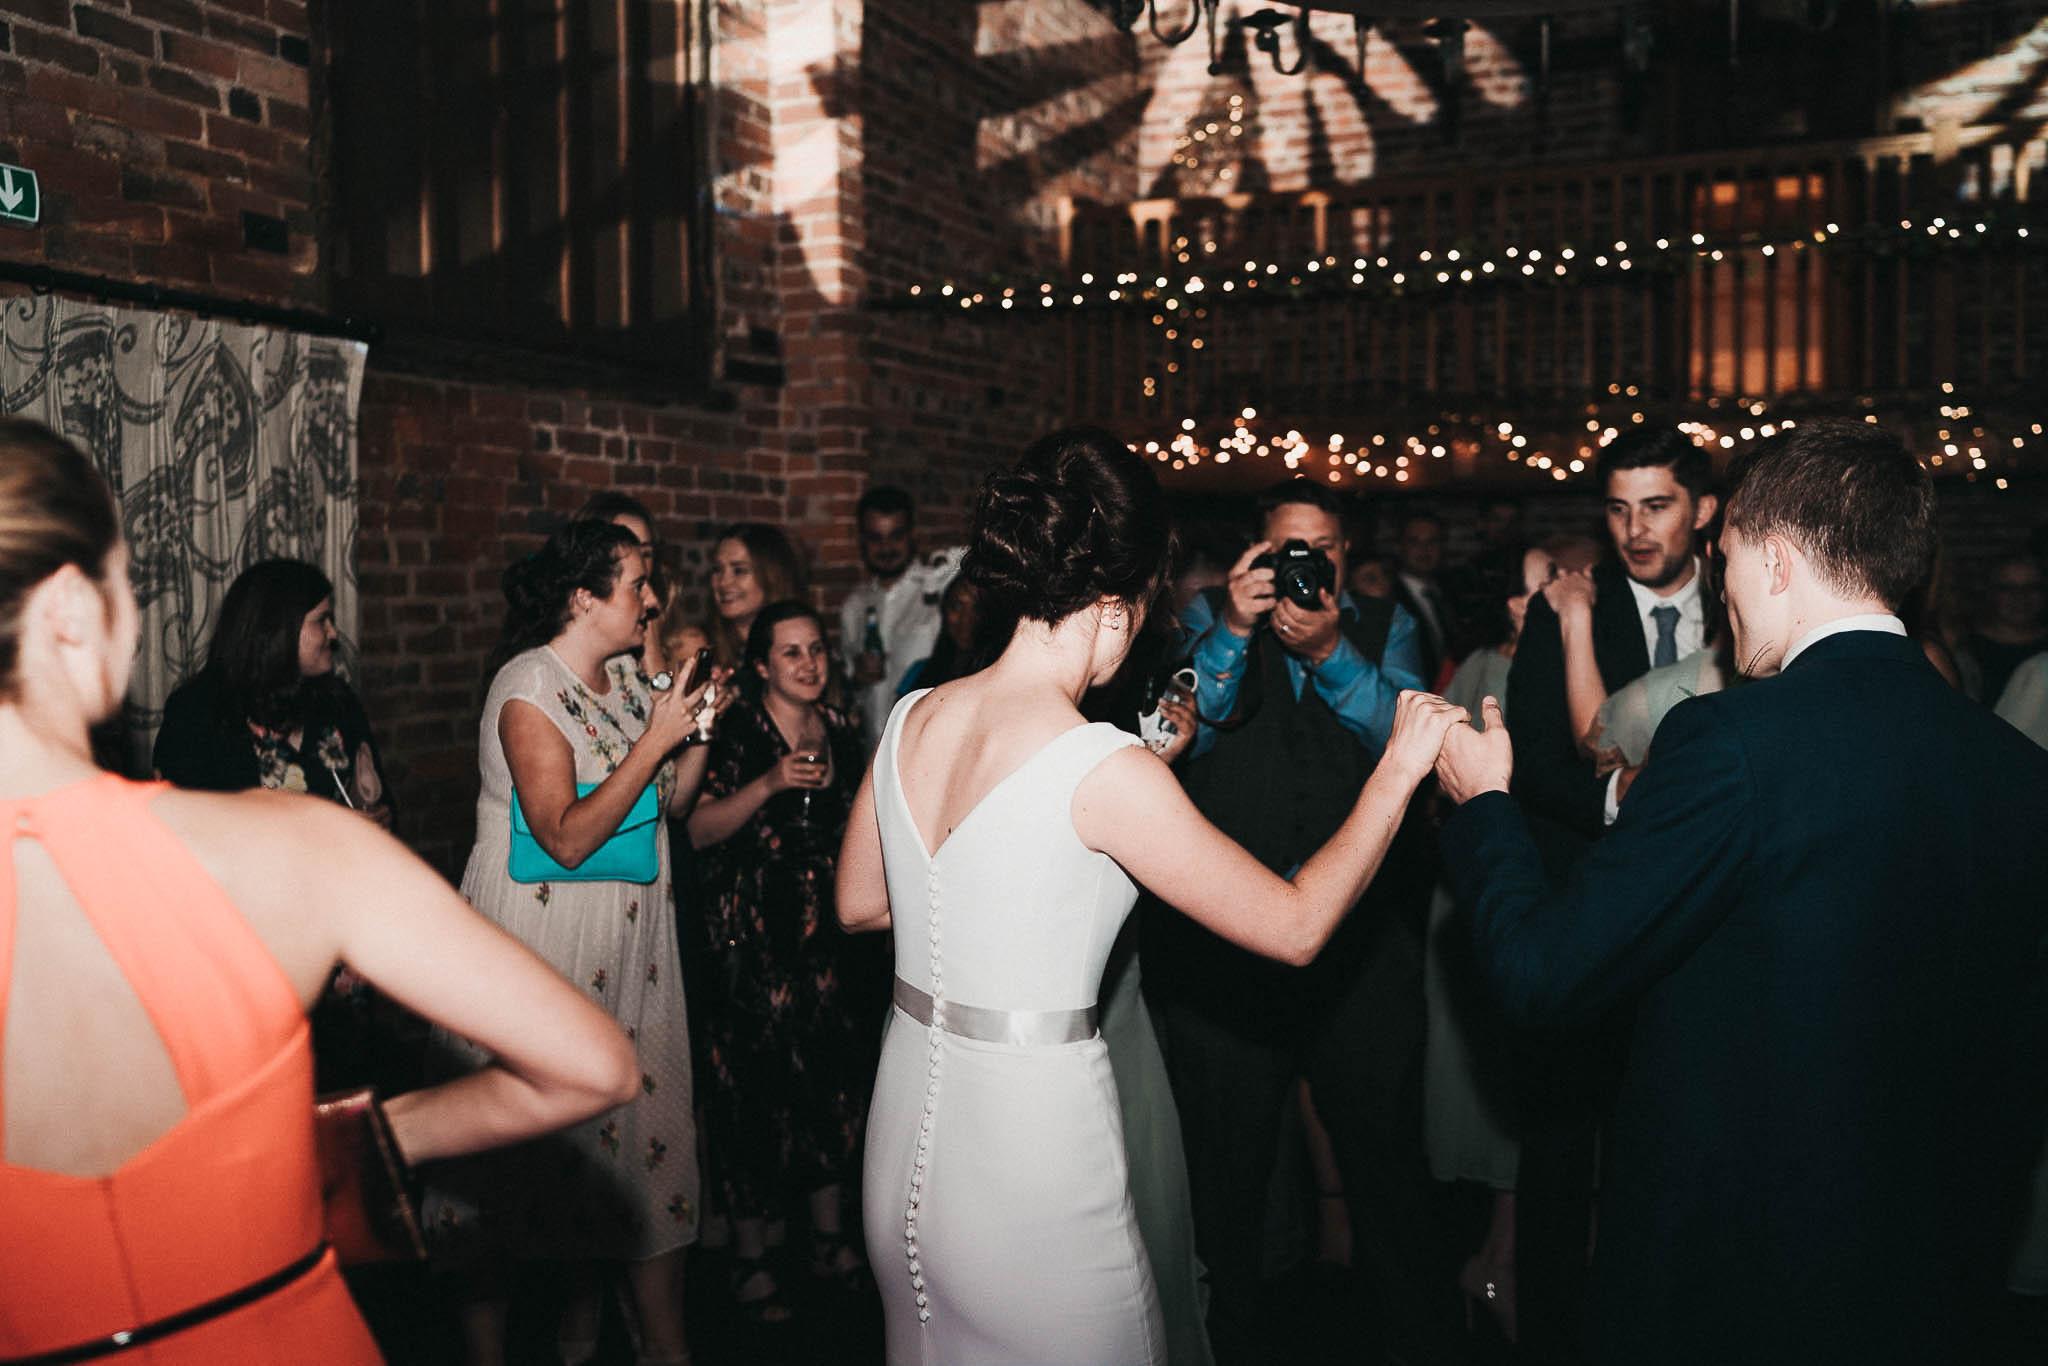 wedding-celebrations-photography